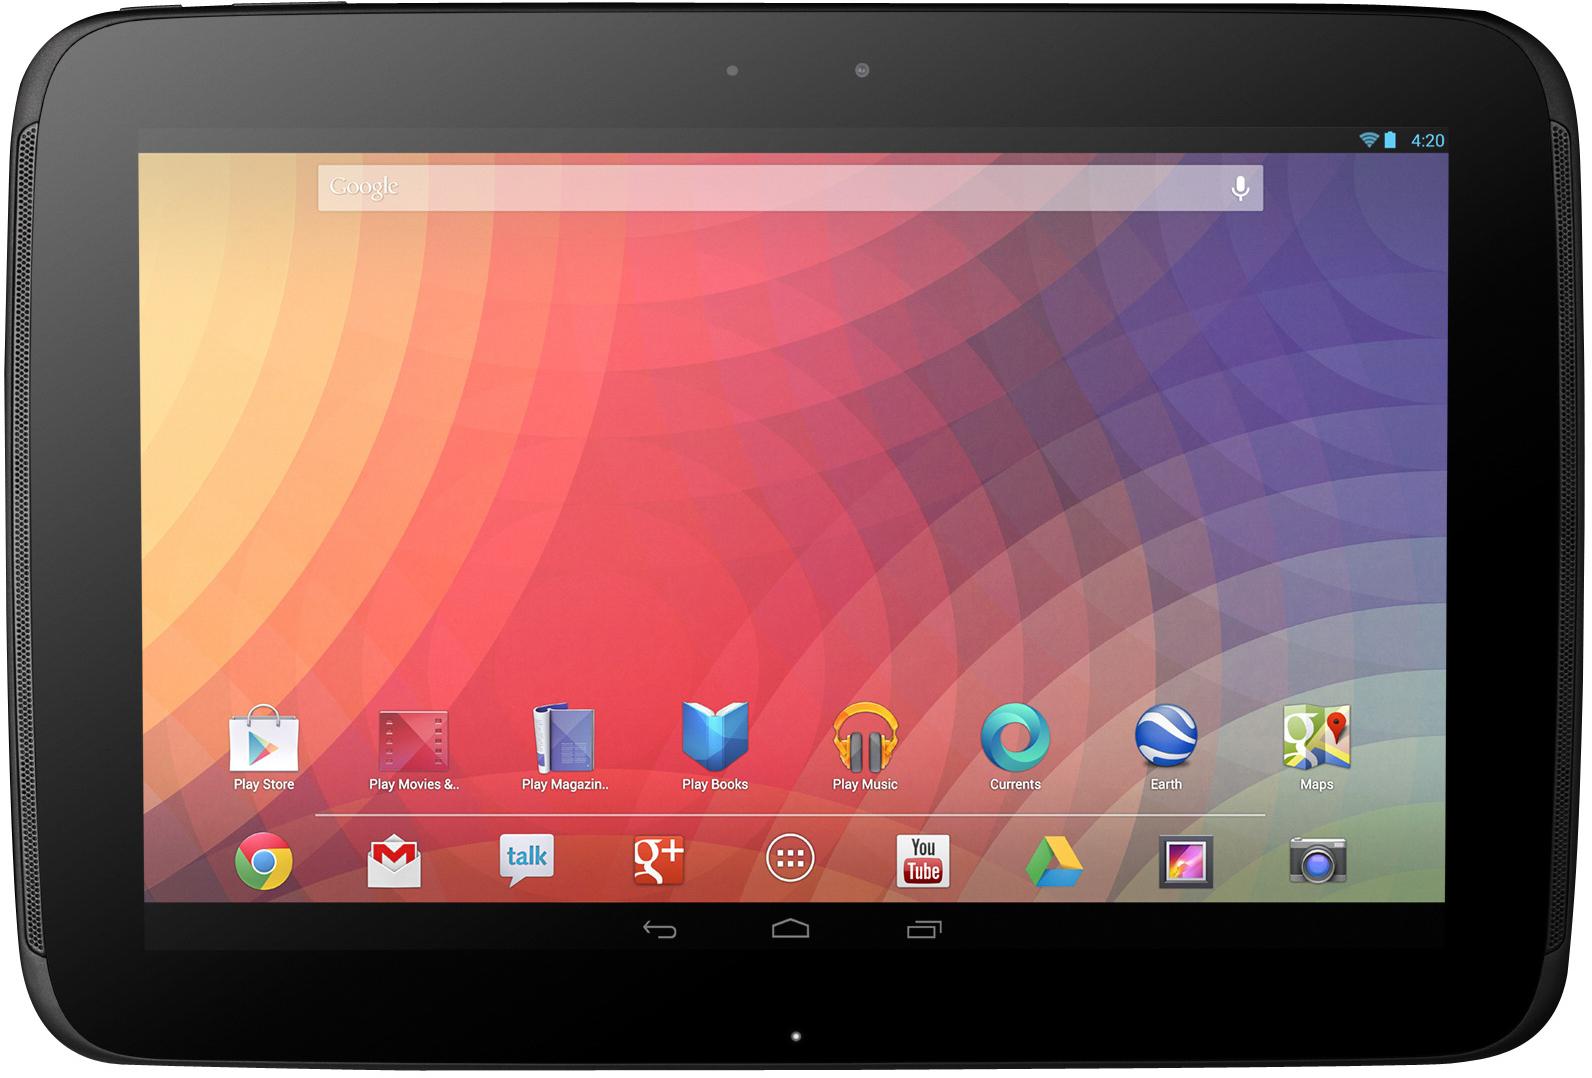 Первые слухи и факты относительно технических спецификаций планшетного компьютера Google Nexus 10.